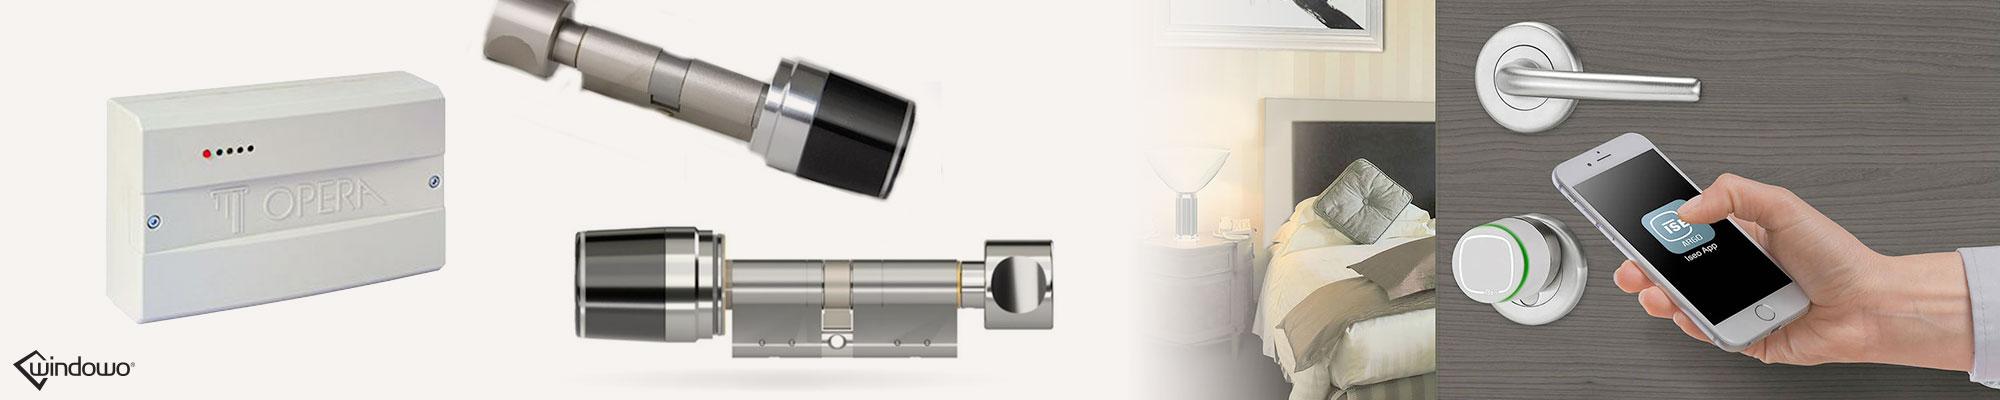 Cilindri Elettronici e Apertura Smart